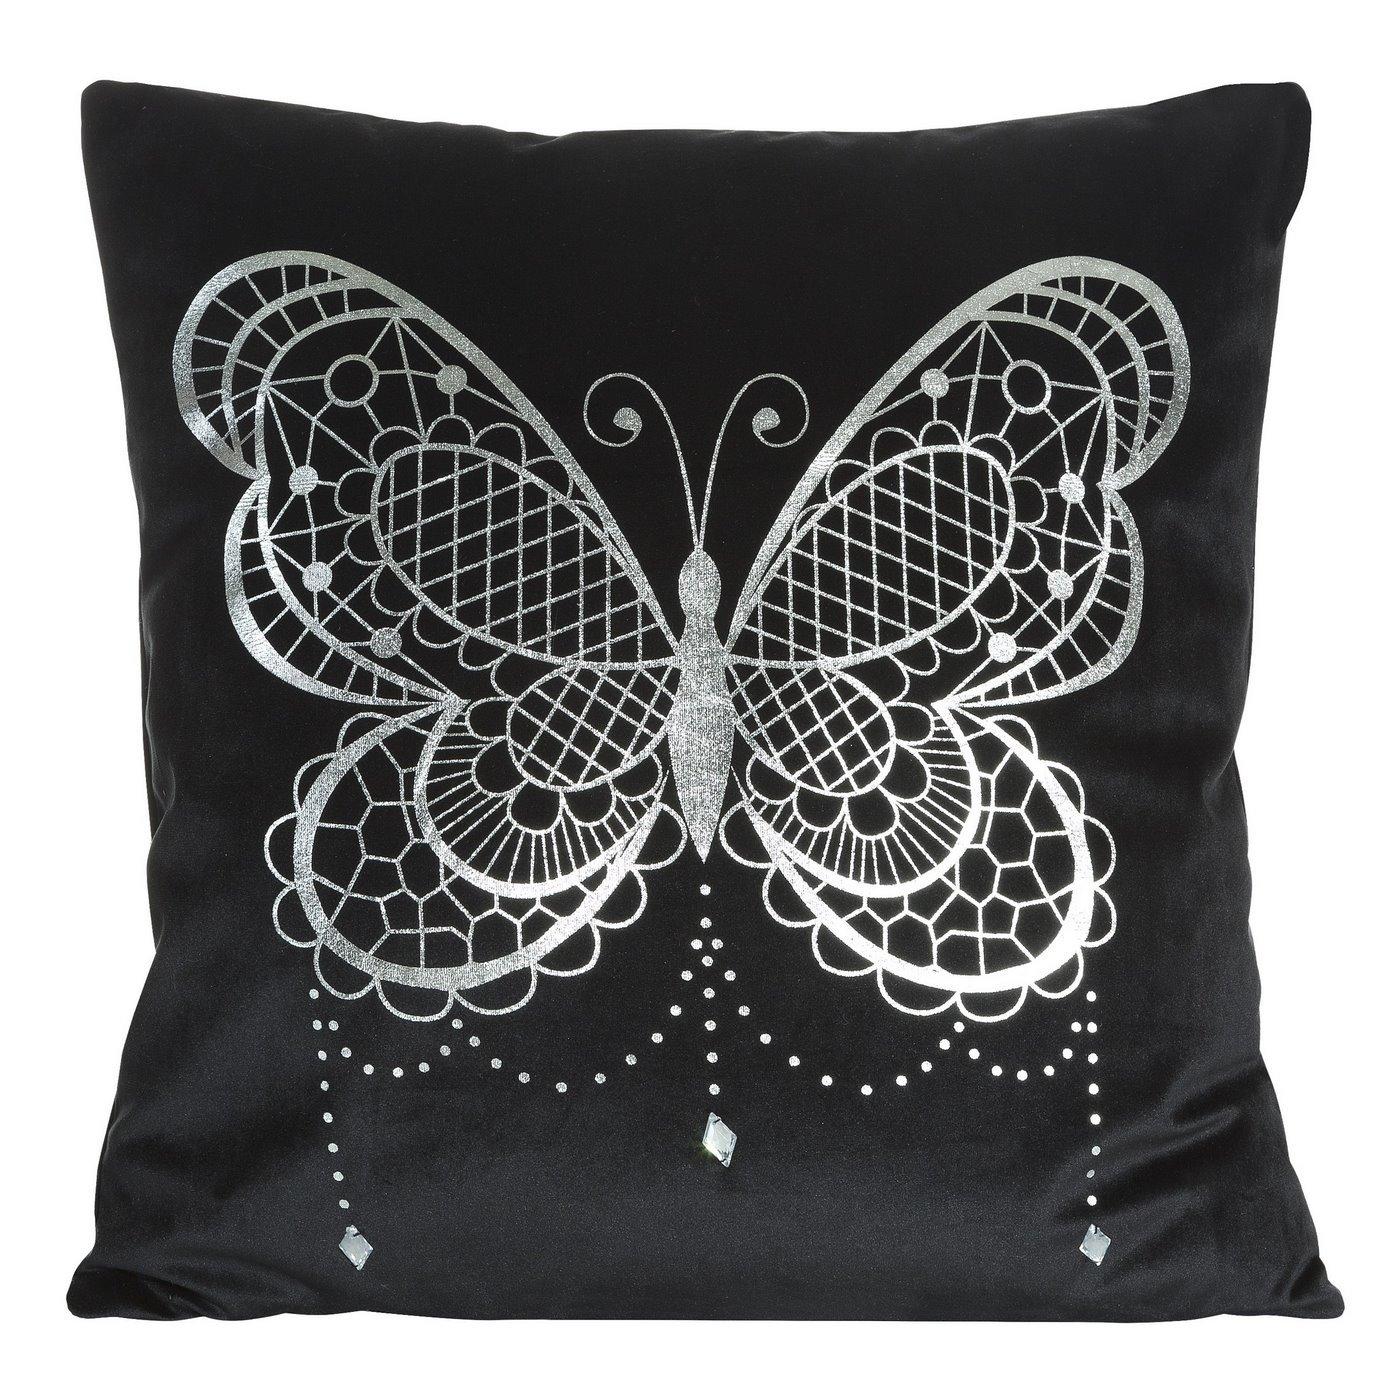 Poszewka na poduszkę czarna ze srebrnym motylem  45 x 45 cm